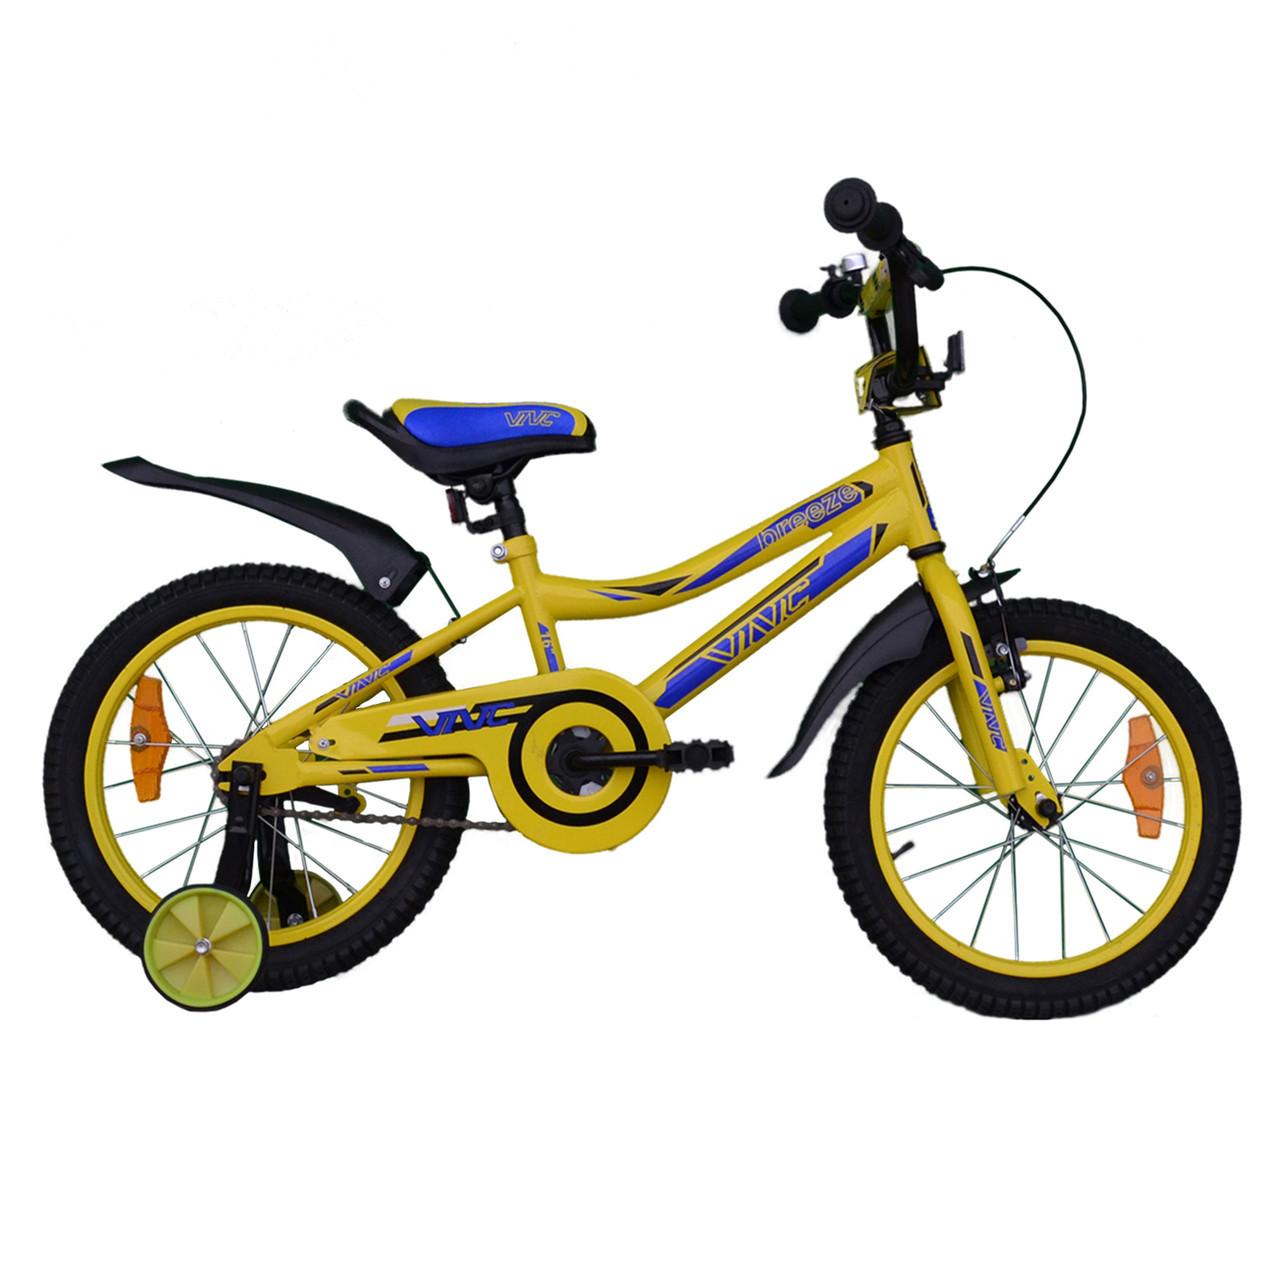 """Велосипед VNC 16"""" Breeze, 1617-GS, Желтый / Синий 8.5"""""""